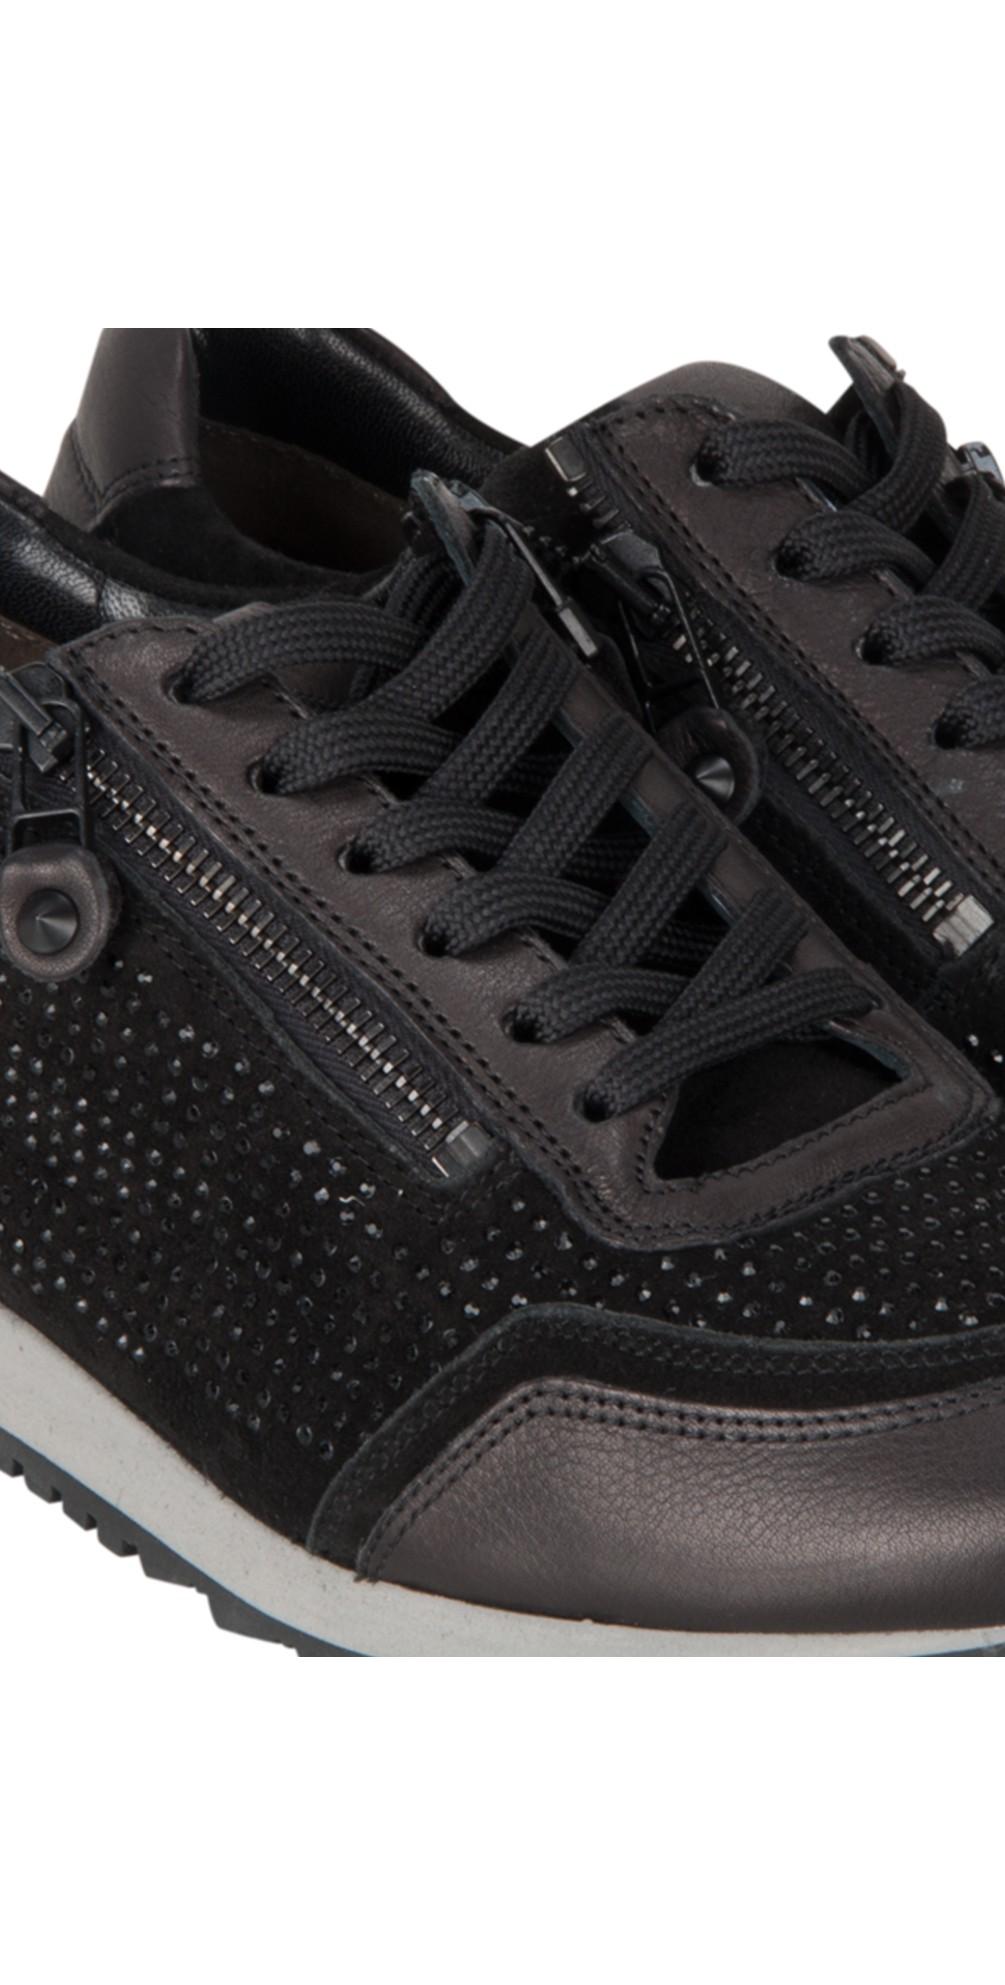 kennel und schmenger runner trainer shoe in schwarz. Black Bedroom Furniture Sets. Home Design Ideas